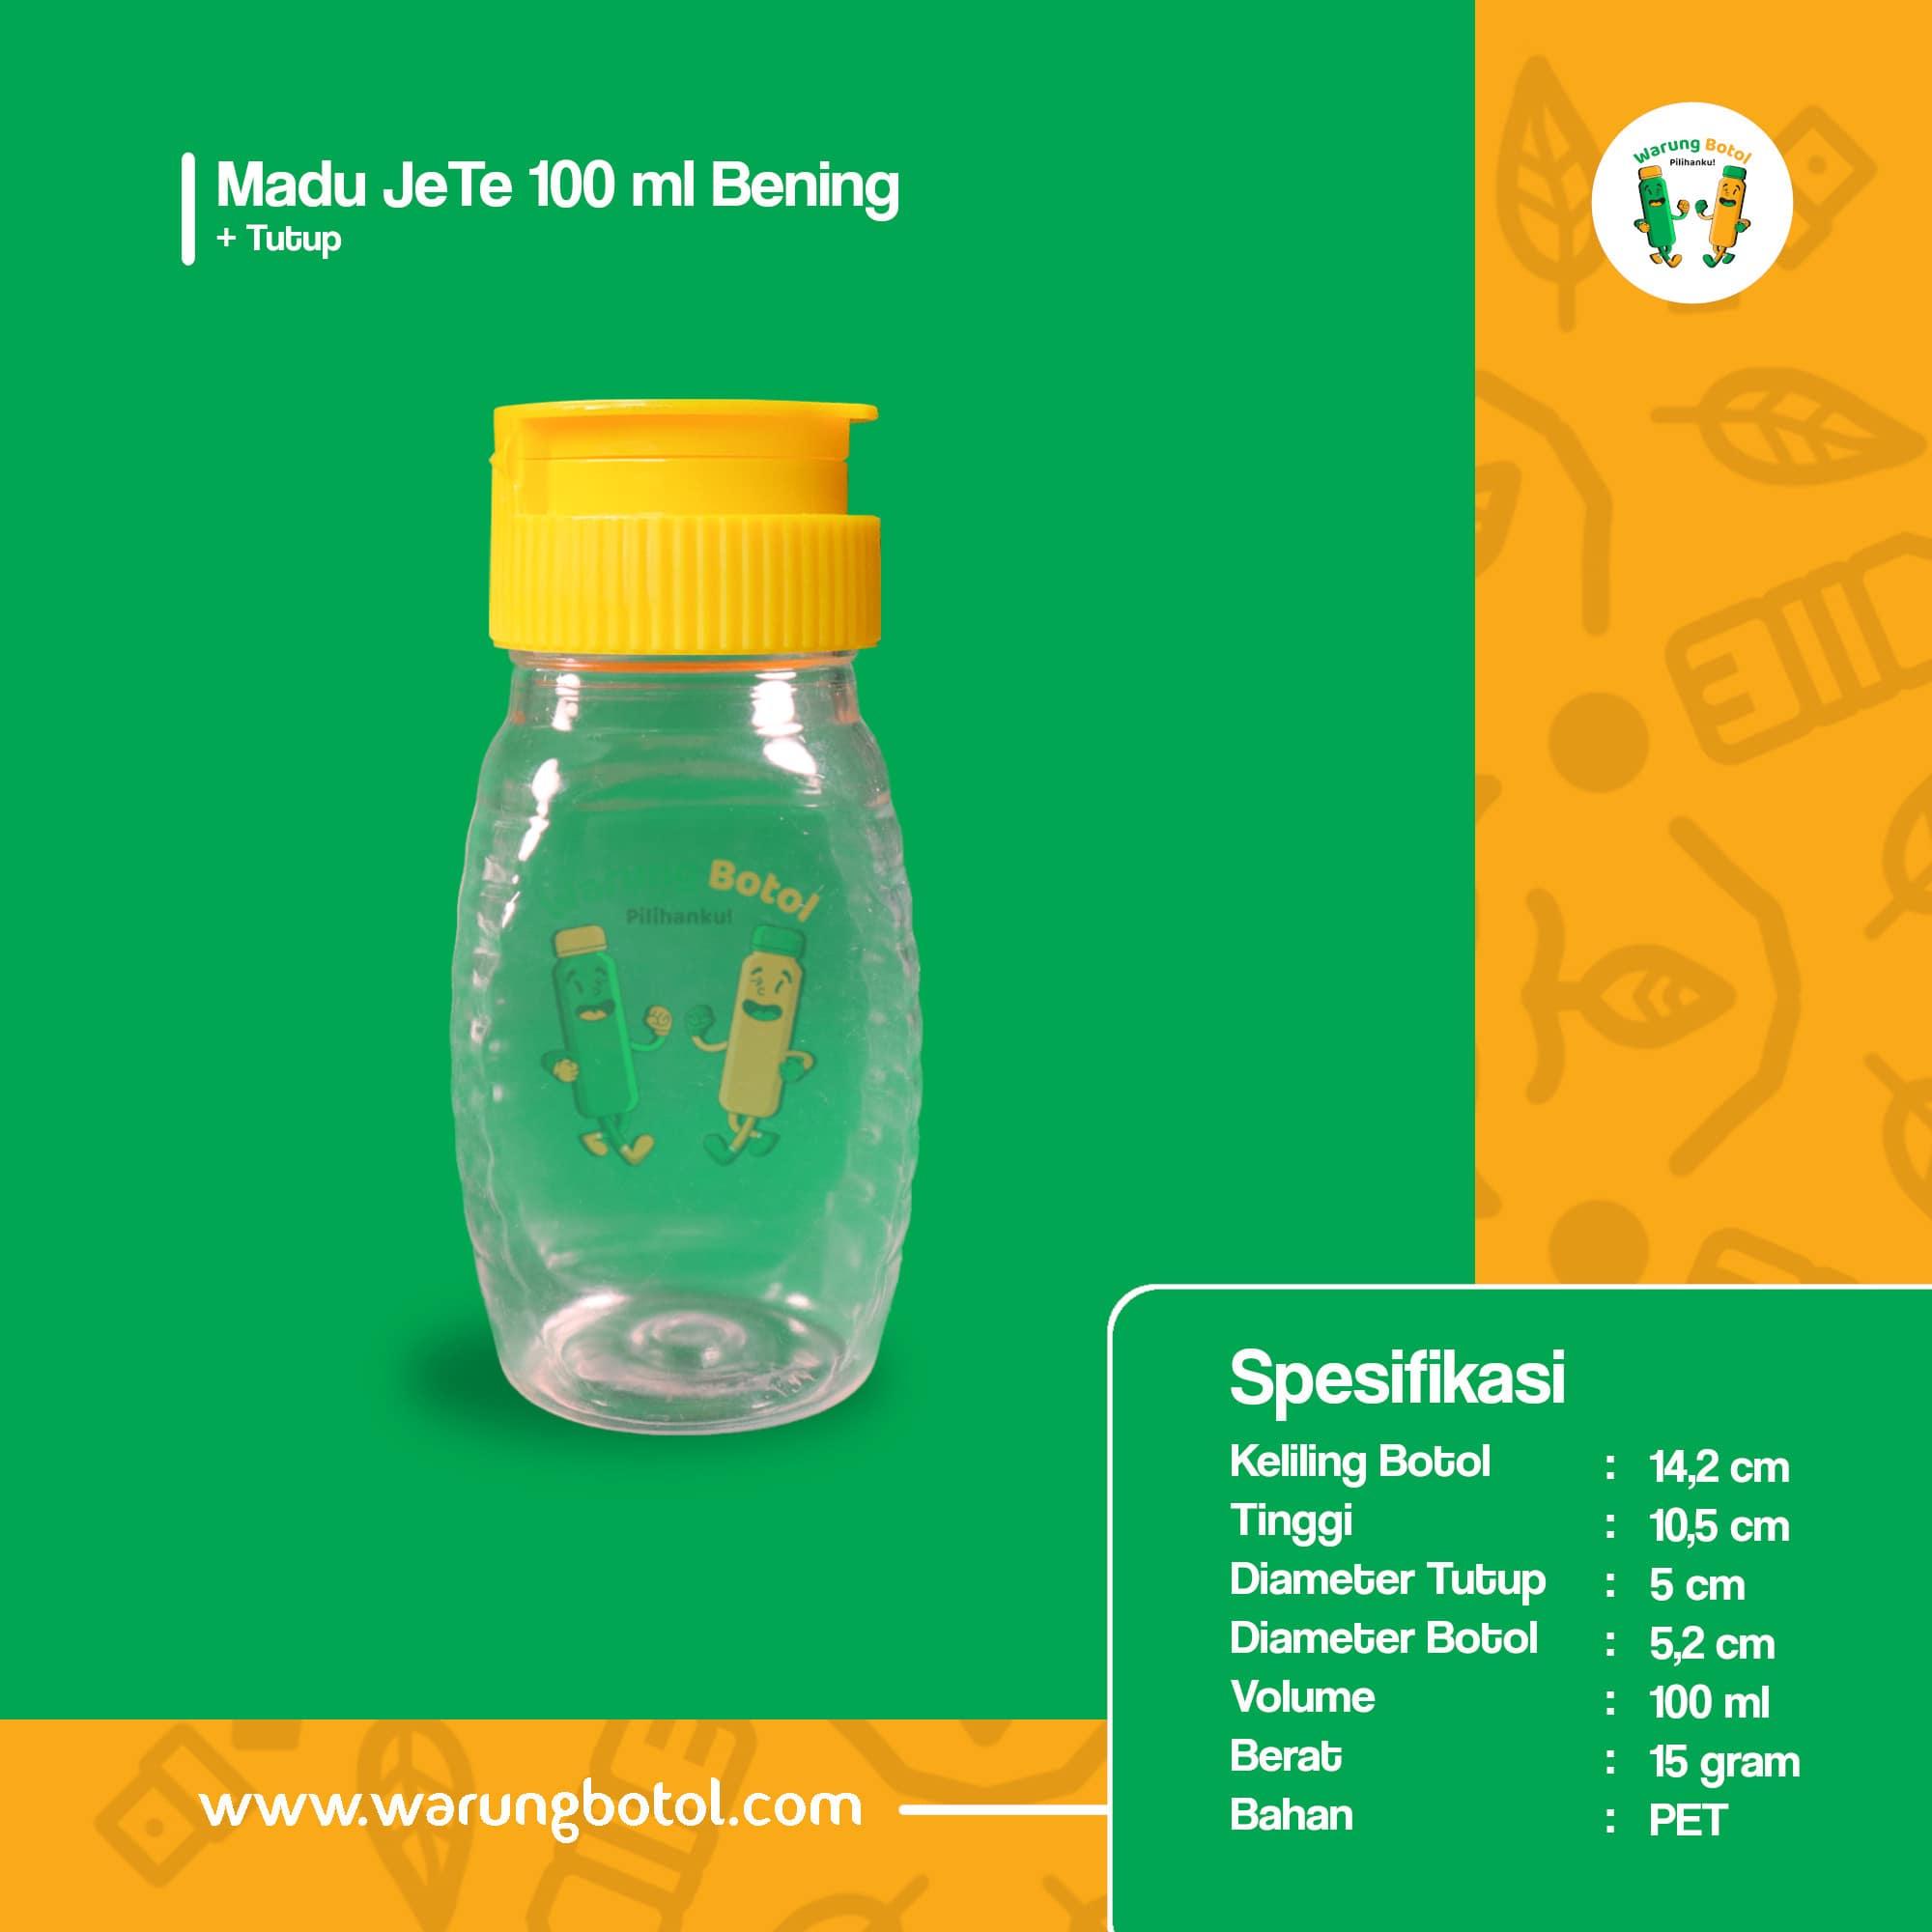 distributor toko jual botol plastik untuk madu tj 100ml murah, kemasan aman untuk madu terdekat di bandung jakarta bekasi bogor